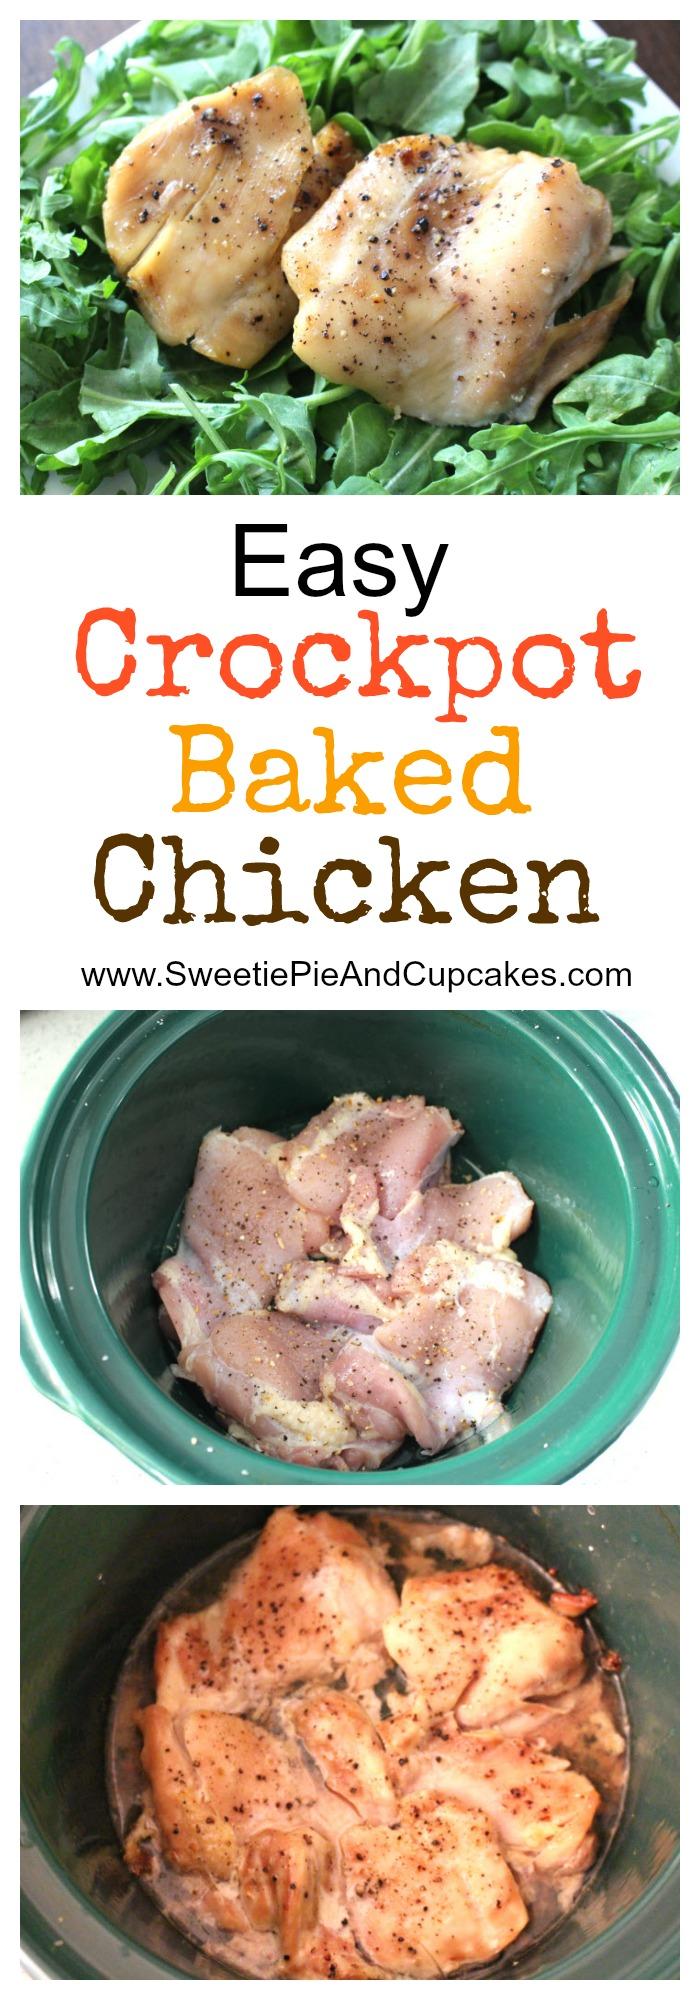 Easy crockpot baked chicken recipe